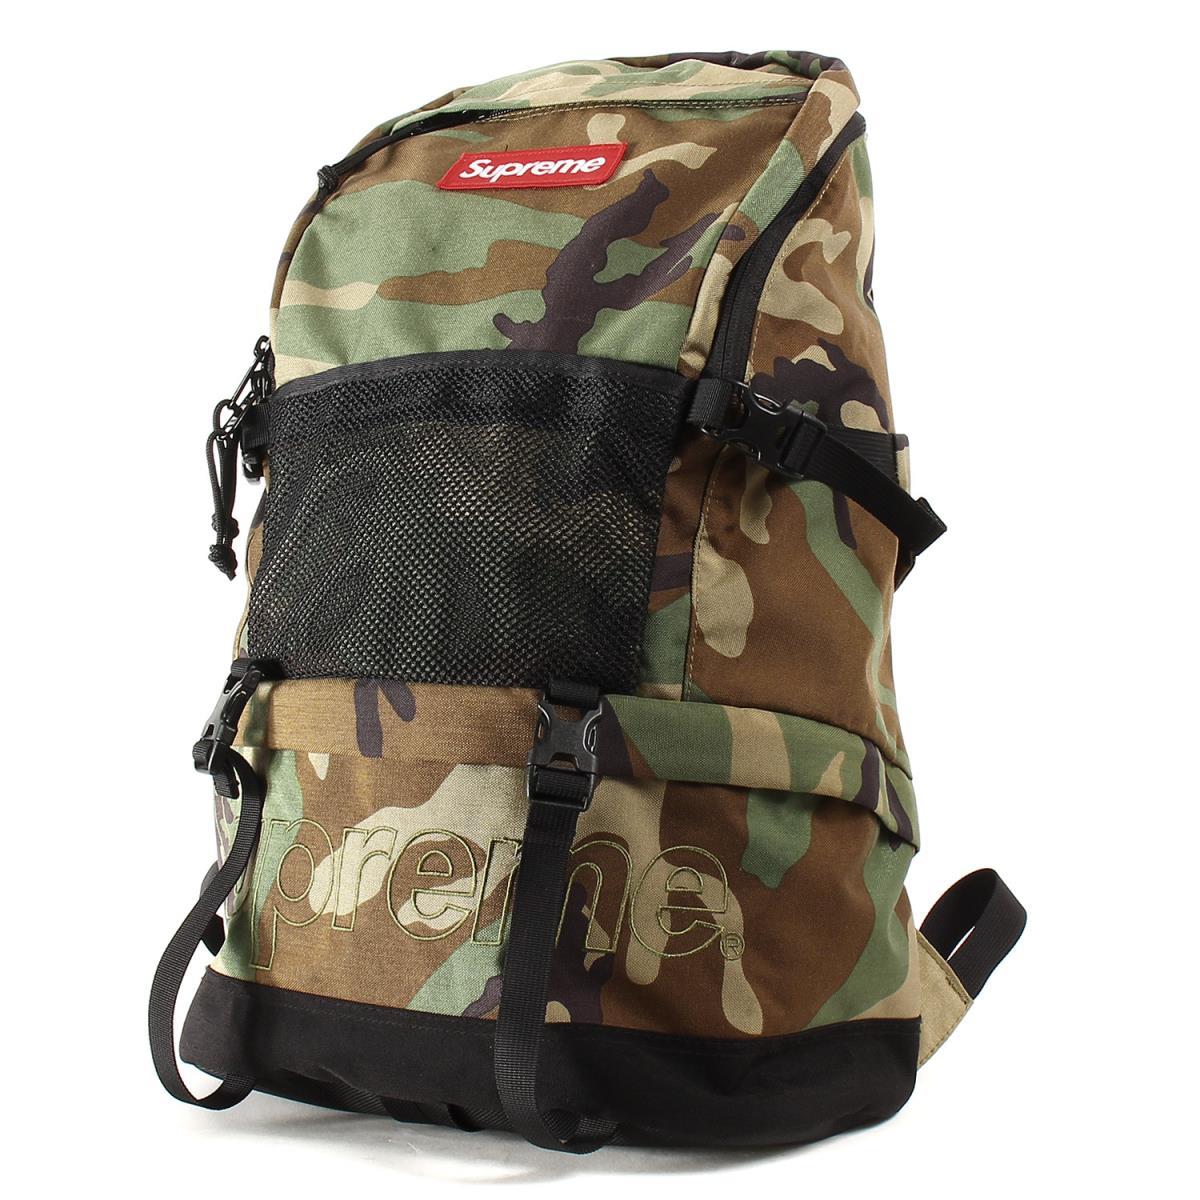 Supreme (シュプリーム) 15A/W コーデュラナイロンバックパック(Contour Backpack) ウッドランドカモ 【メンズ】【K2224】【中古】【あす楽☆対応可】